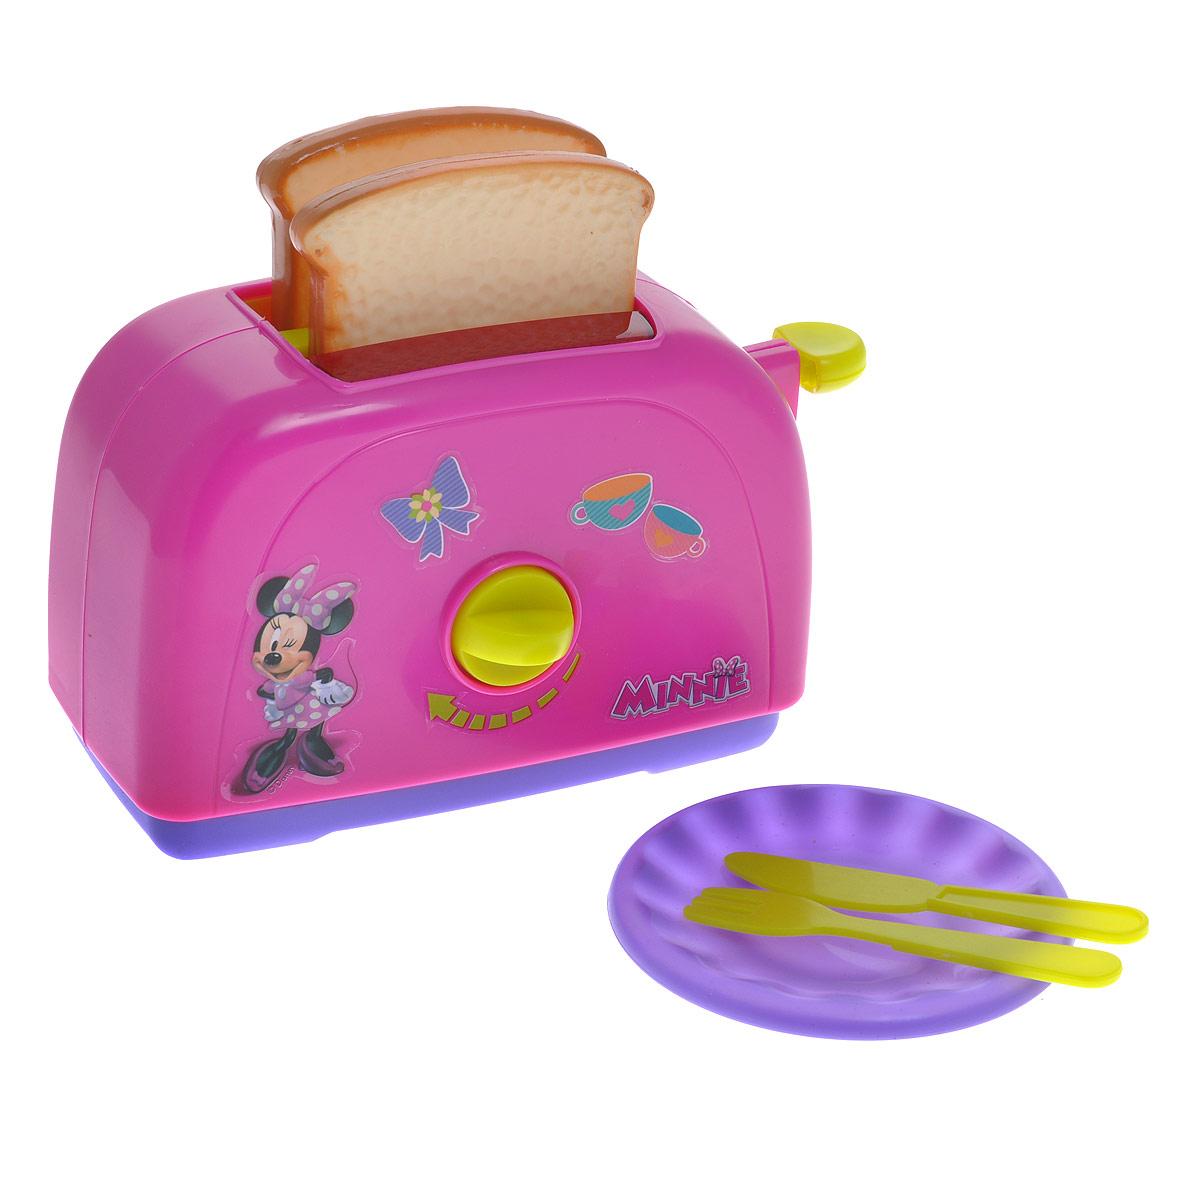 Simba Игровой набор Minnie Mouse: Тостер, 6 предметов simba игровой набор домик медведя